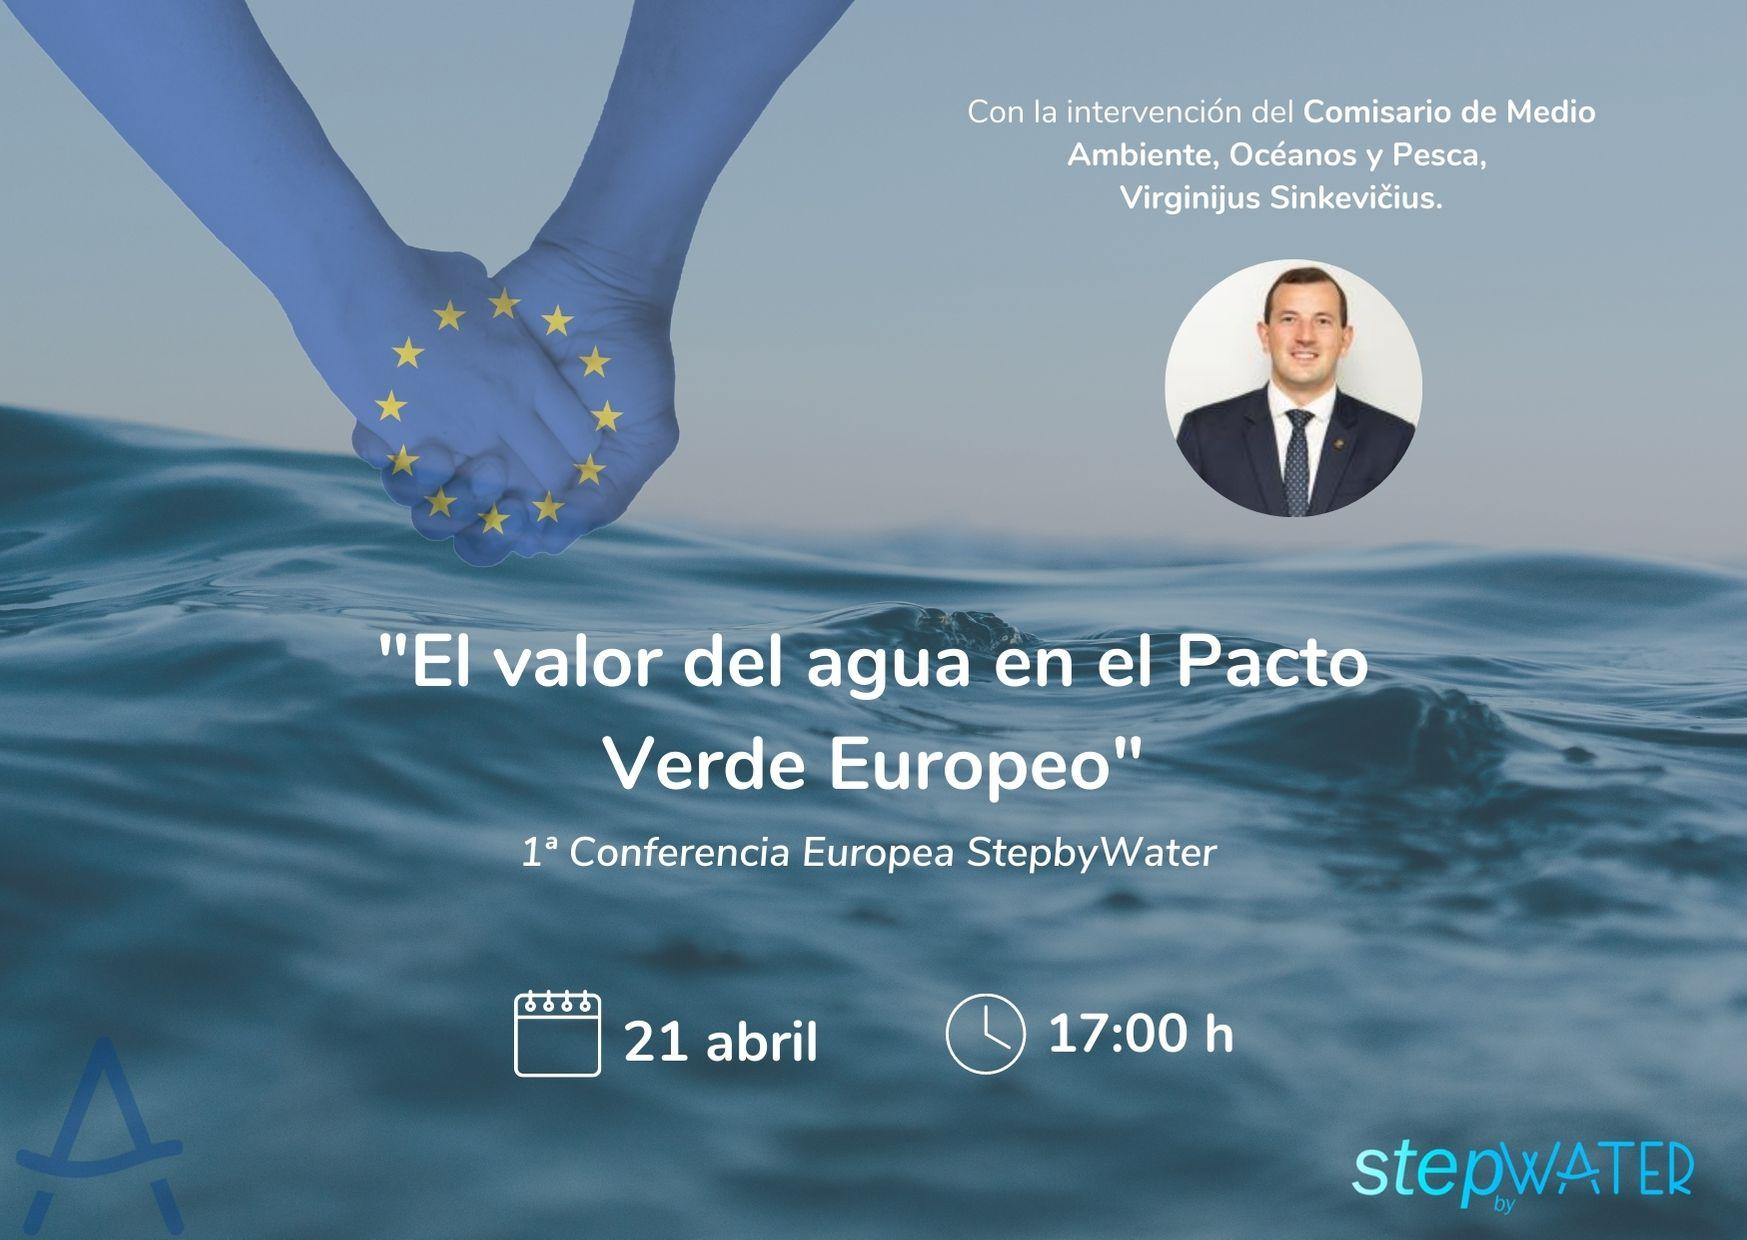 El valor del agua en el Pacto Verde Europeo